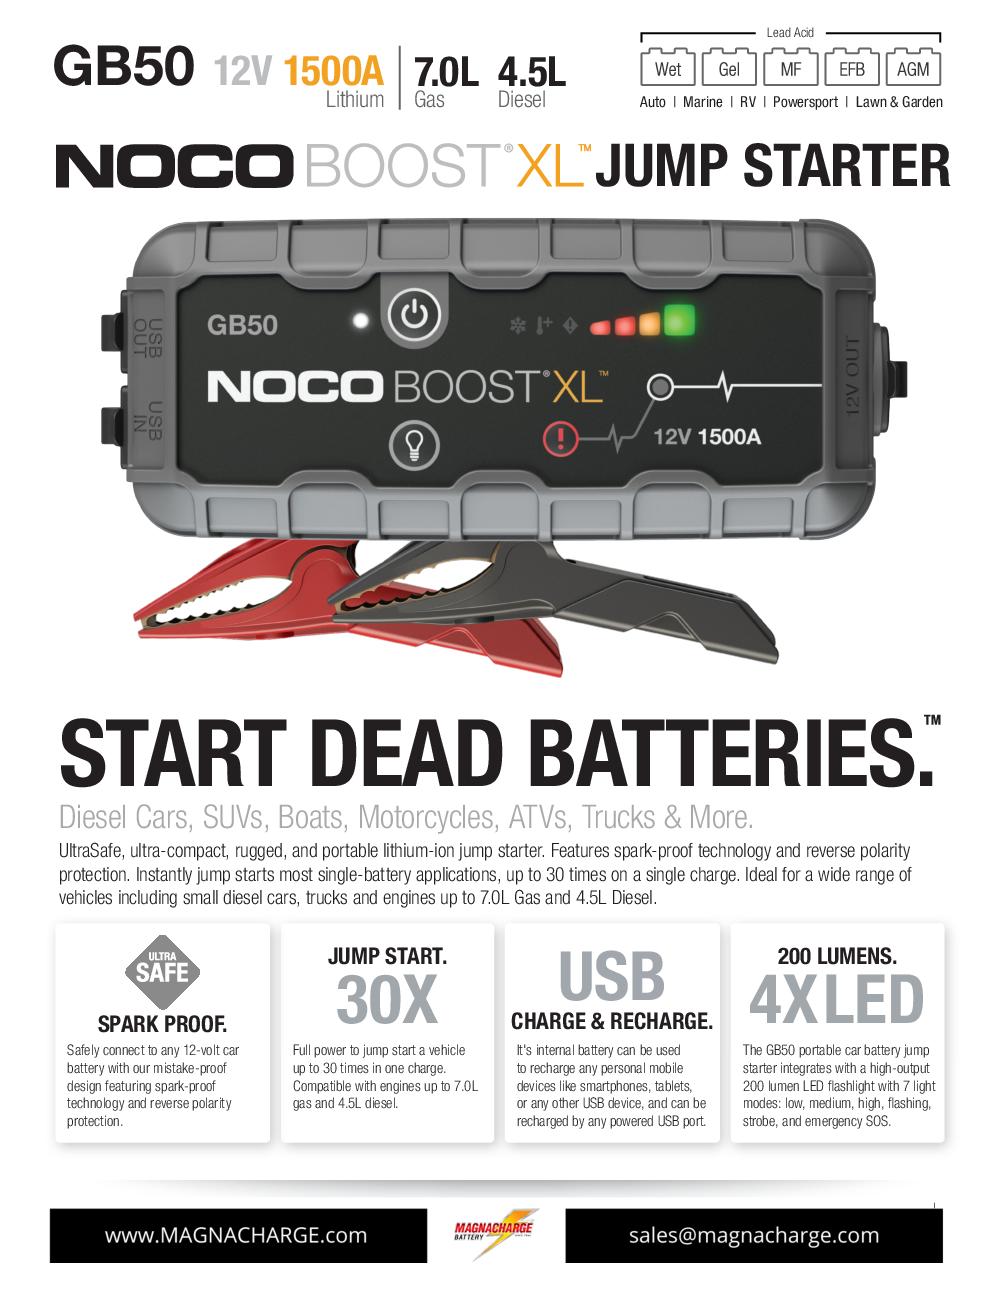 NOCO GB50 - EDITED